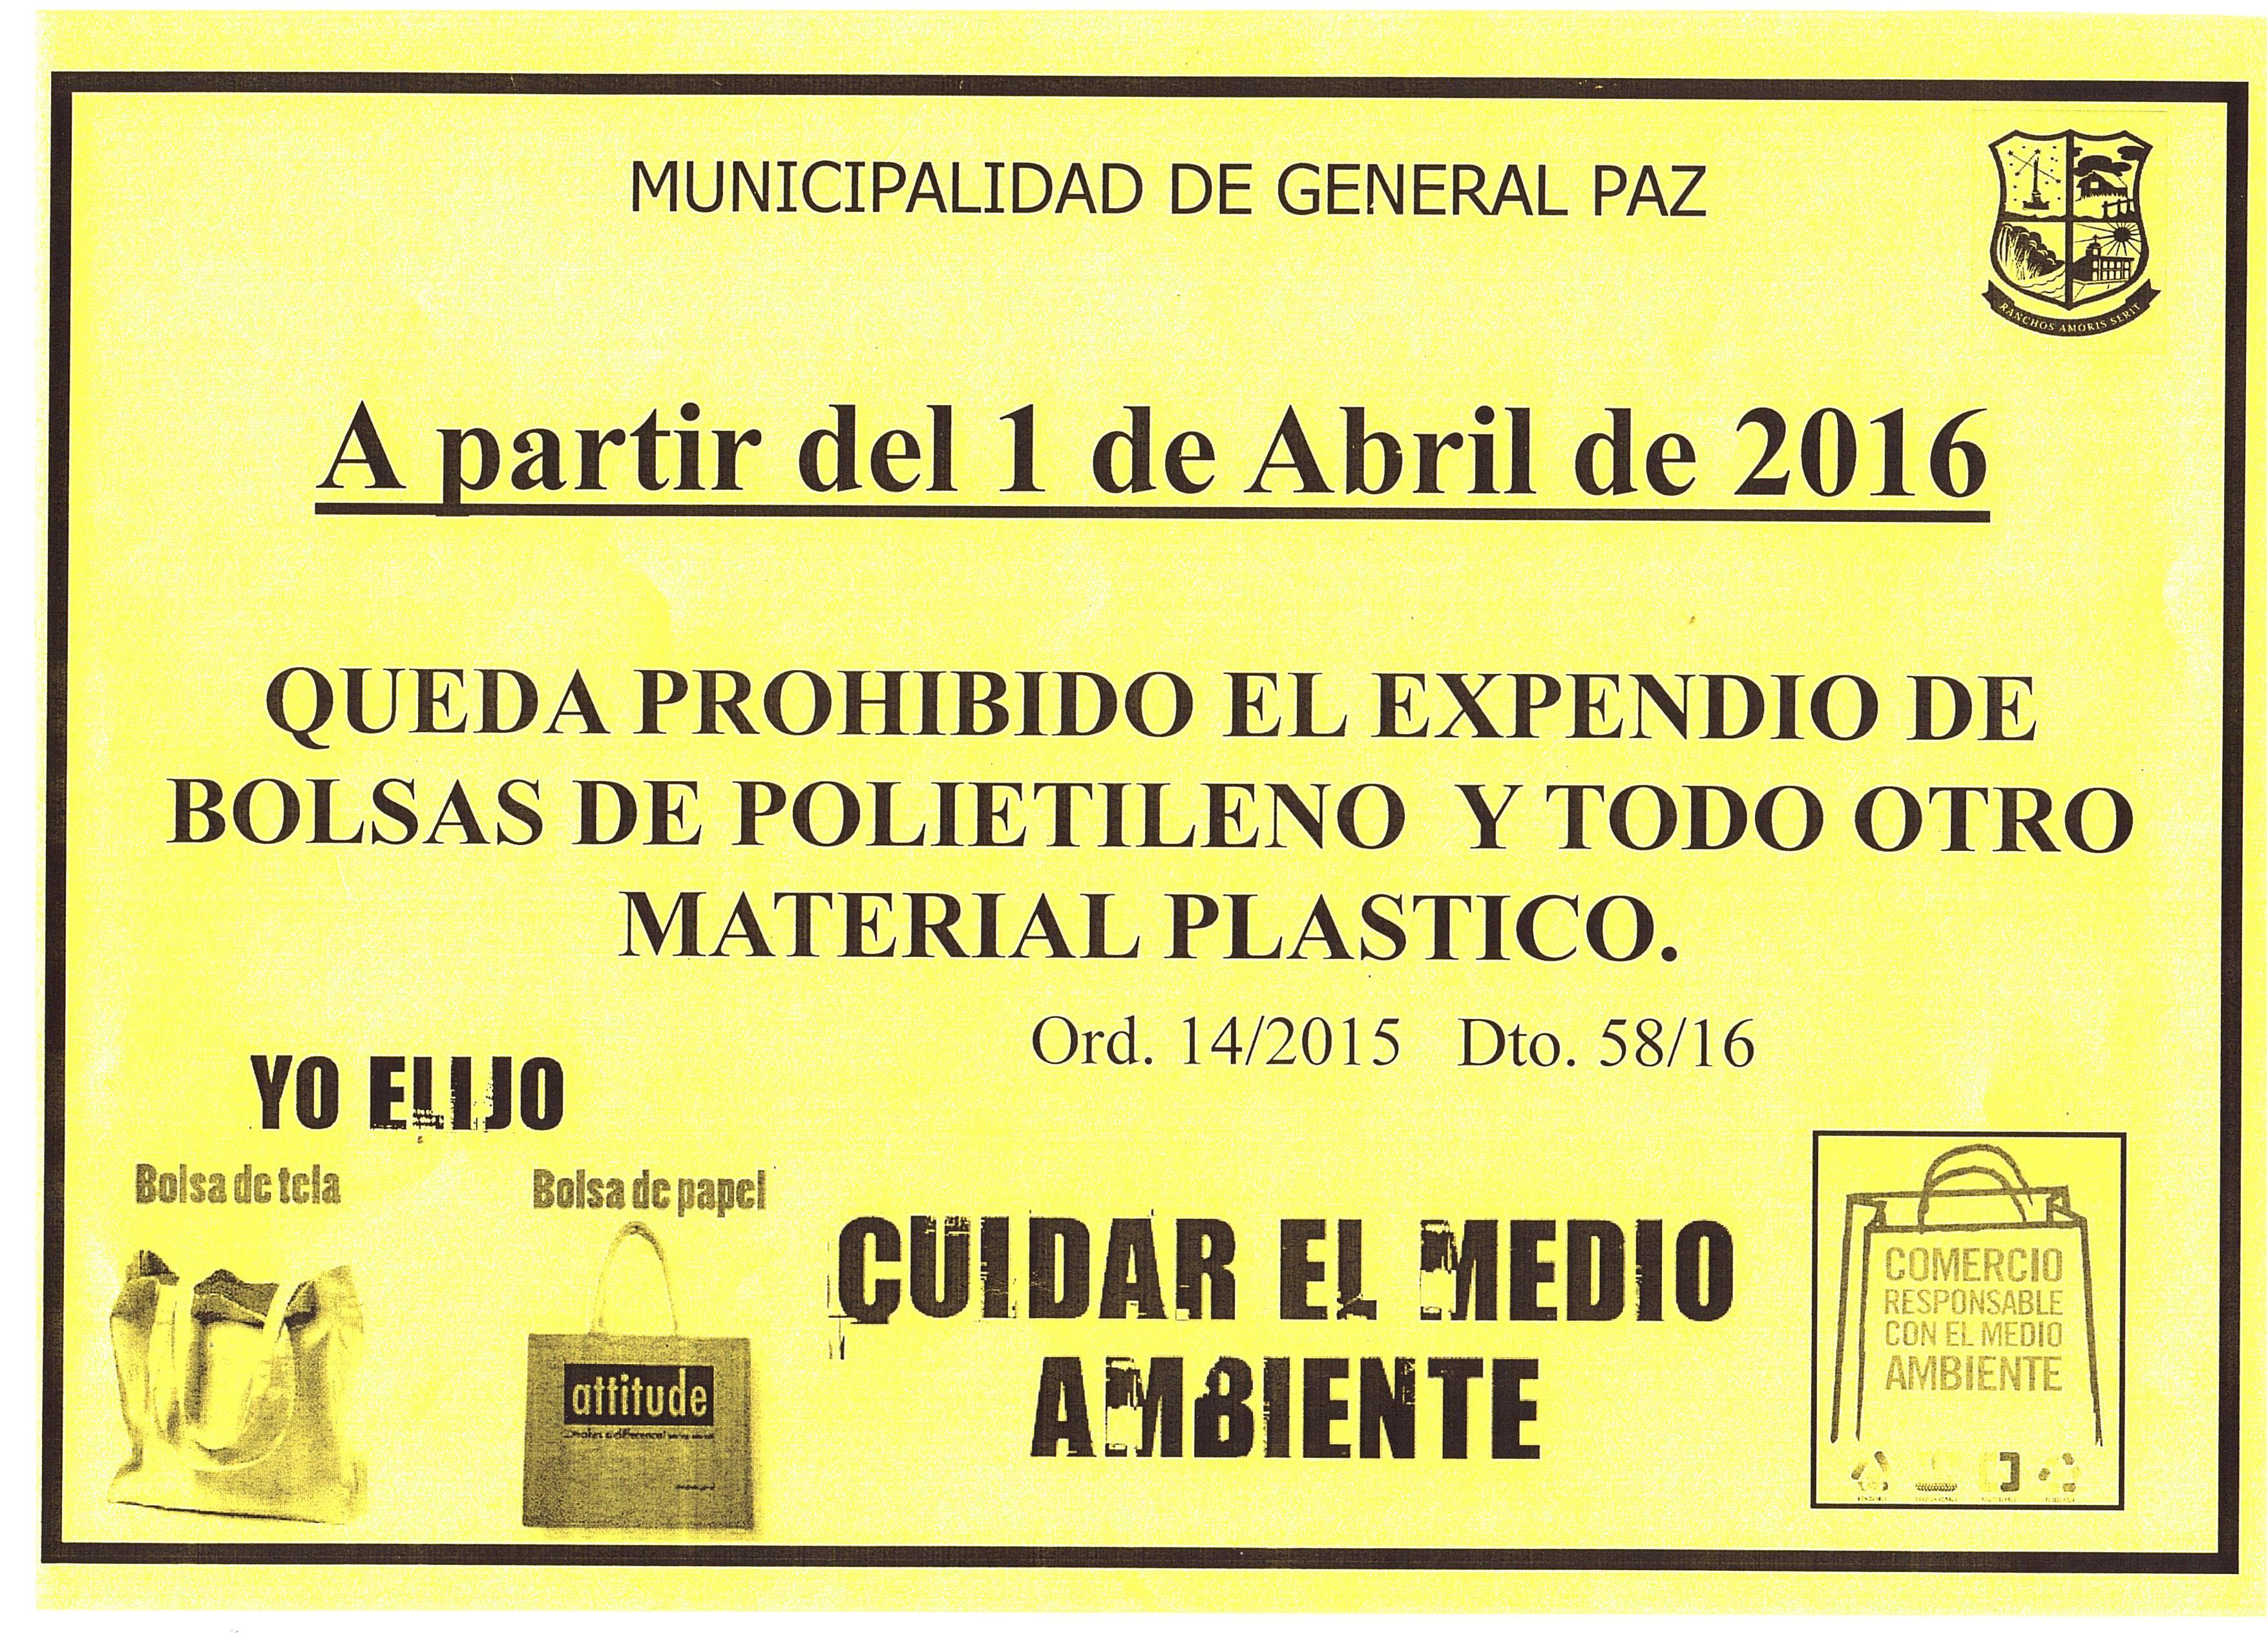 Municipalidad de General Paz: ATENCIÓN COMERCIANTES